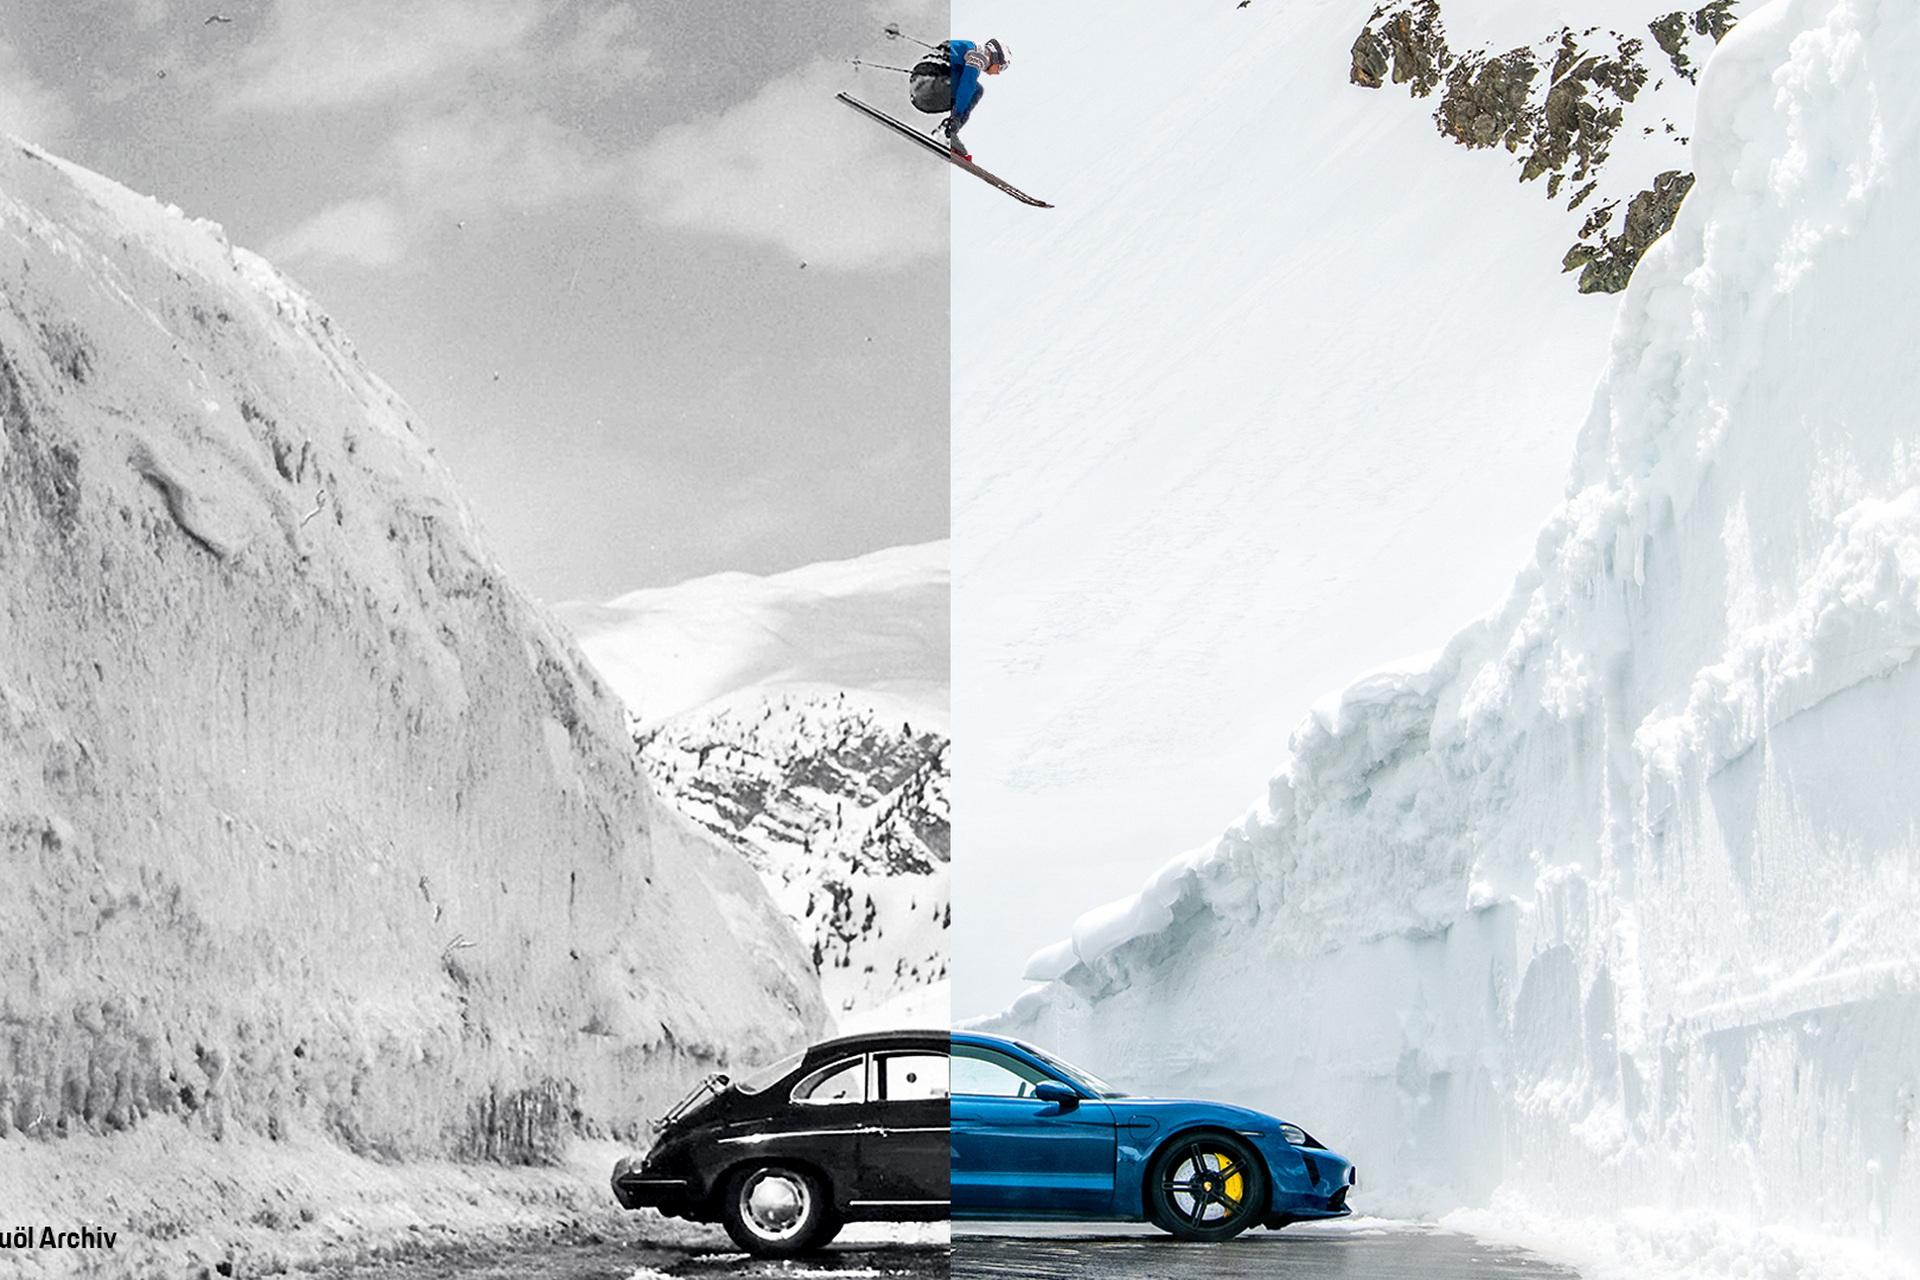 Porsche рекреираше легендарна фотографија од 1963 година